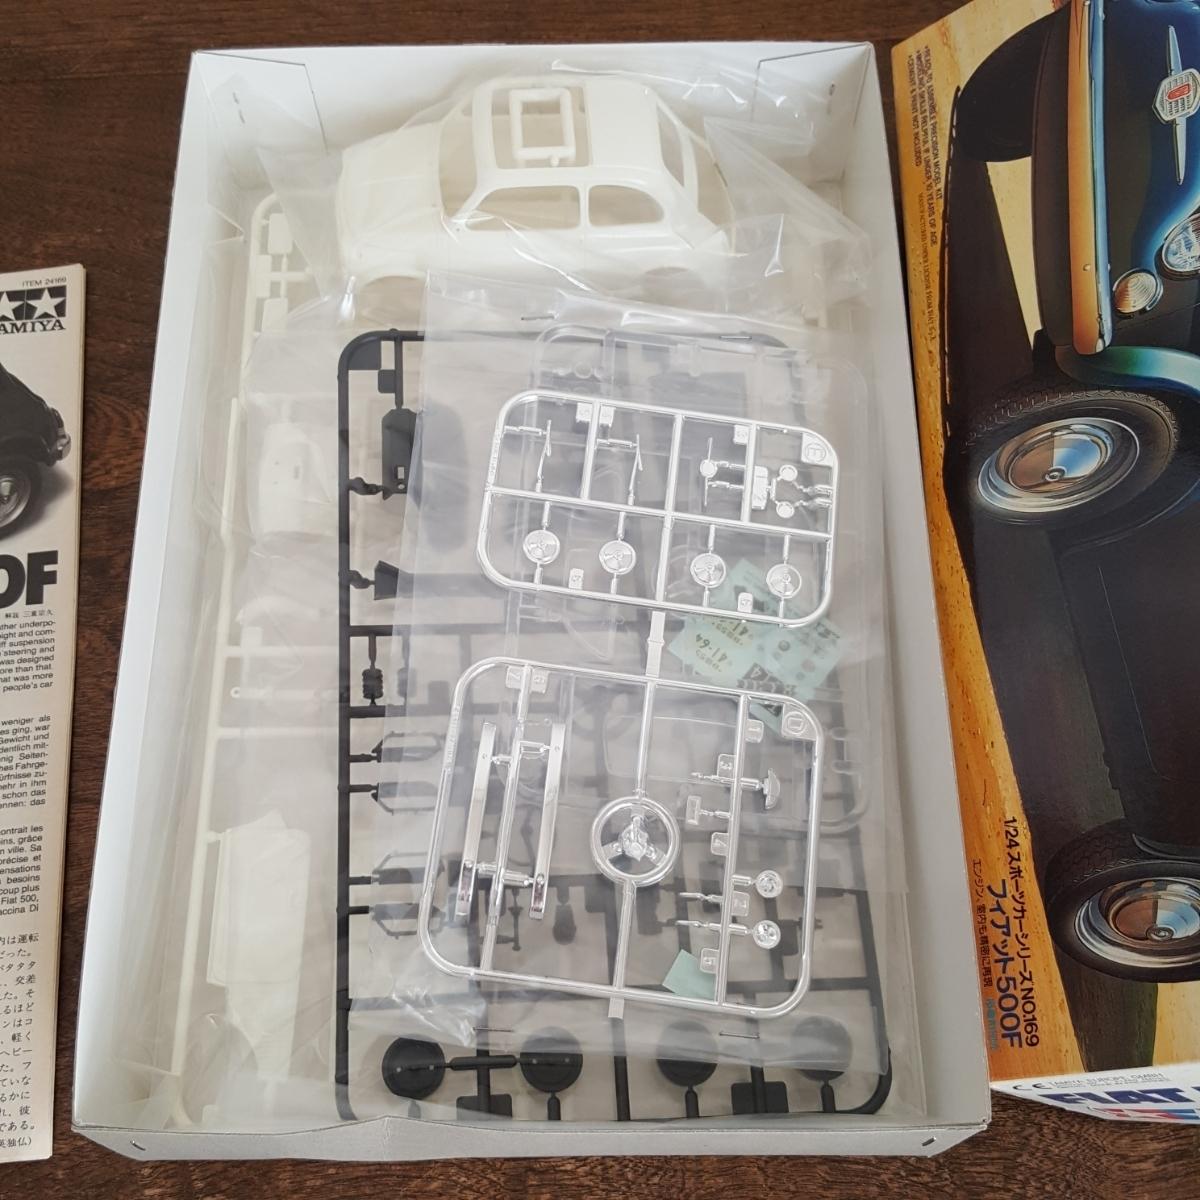 蔵出 未組立 長期保管品 1/24 TAMIYA フィアット 500F スポーツカー シリーズ FIAT タミヤ 田宮 模型 レトロ ヴィンテージ プラモデル 玩具_画像6